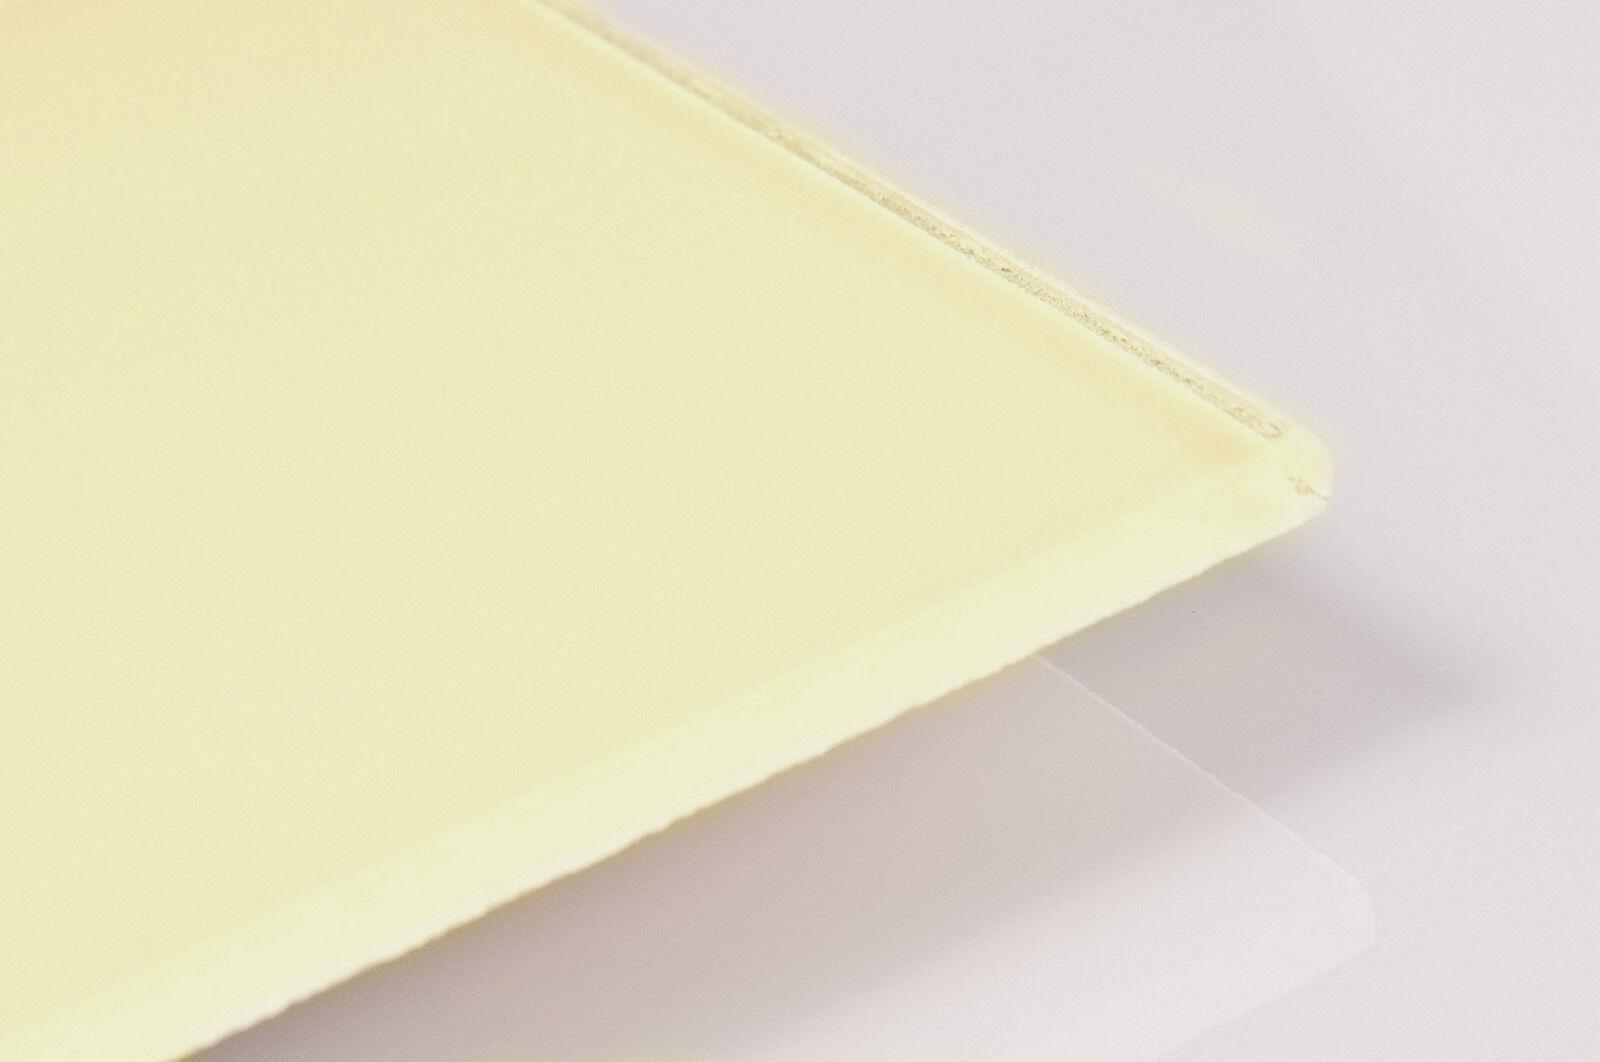 Esg k chenr ckwand fliesenspiegel glas 6mm farbig lackiert - Glas fliesenspiegel ...